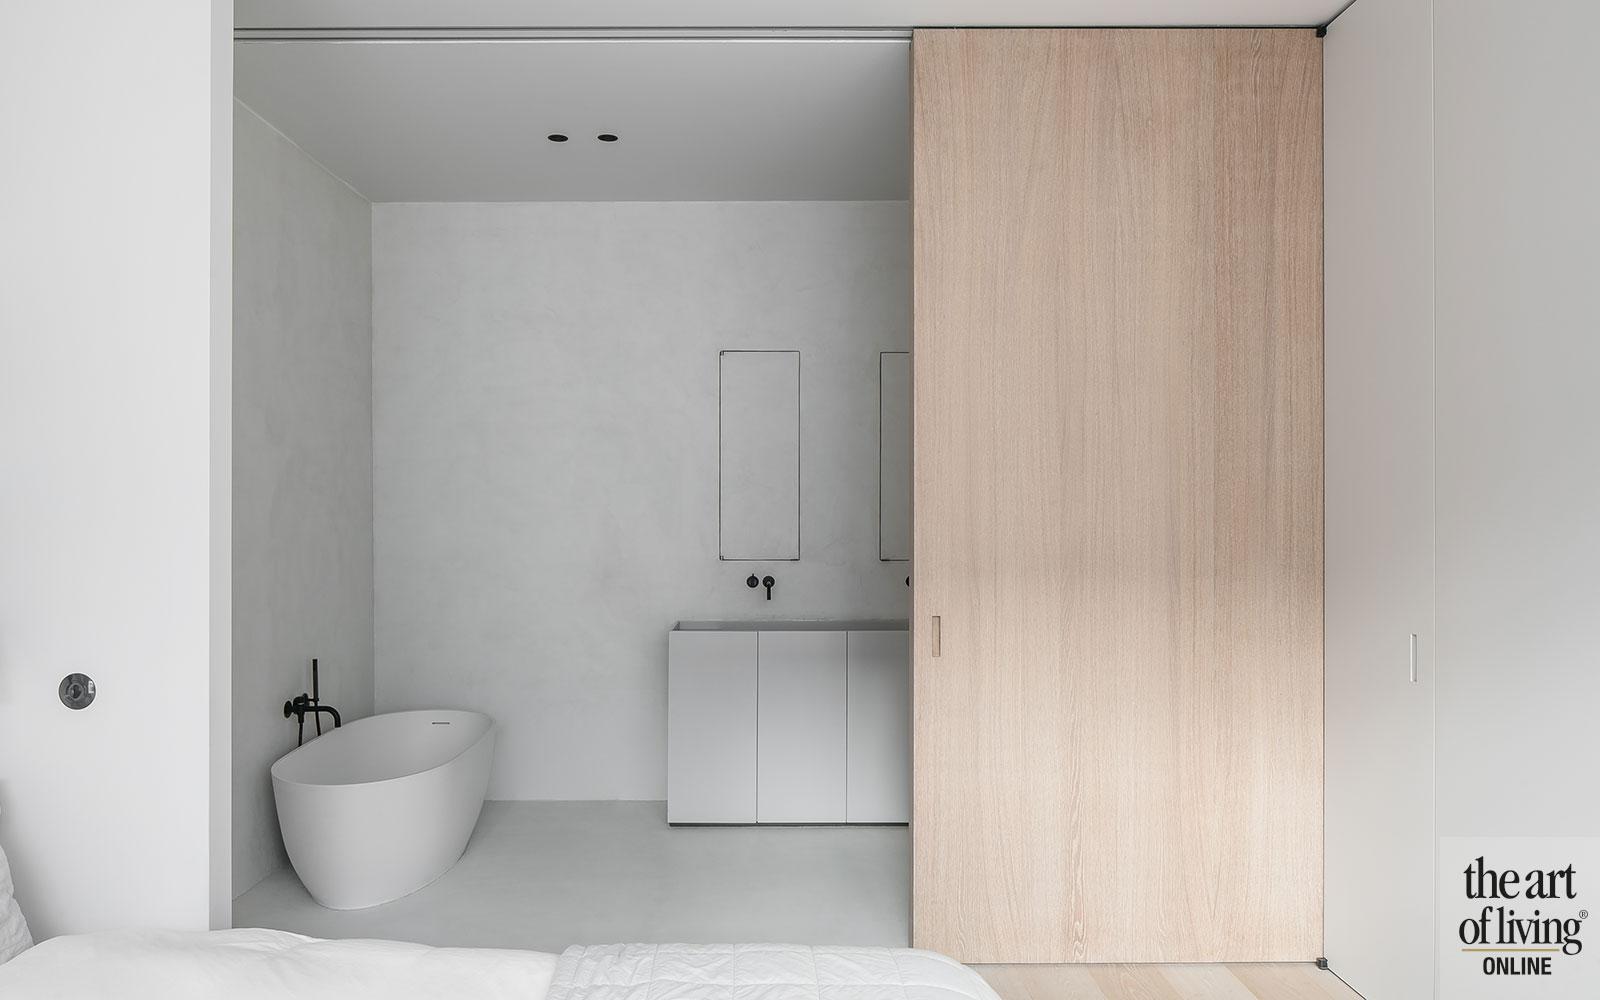 , strak, wit, minimalistisch